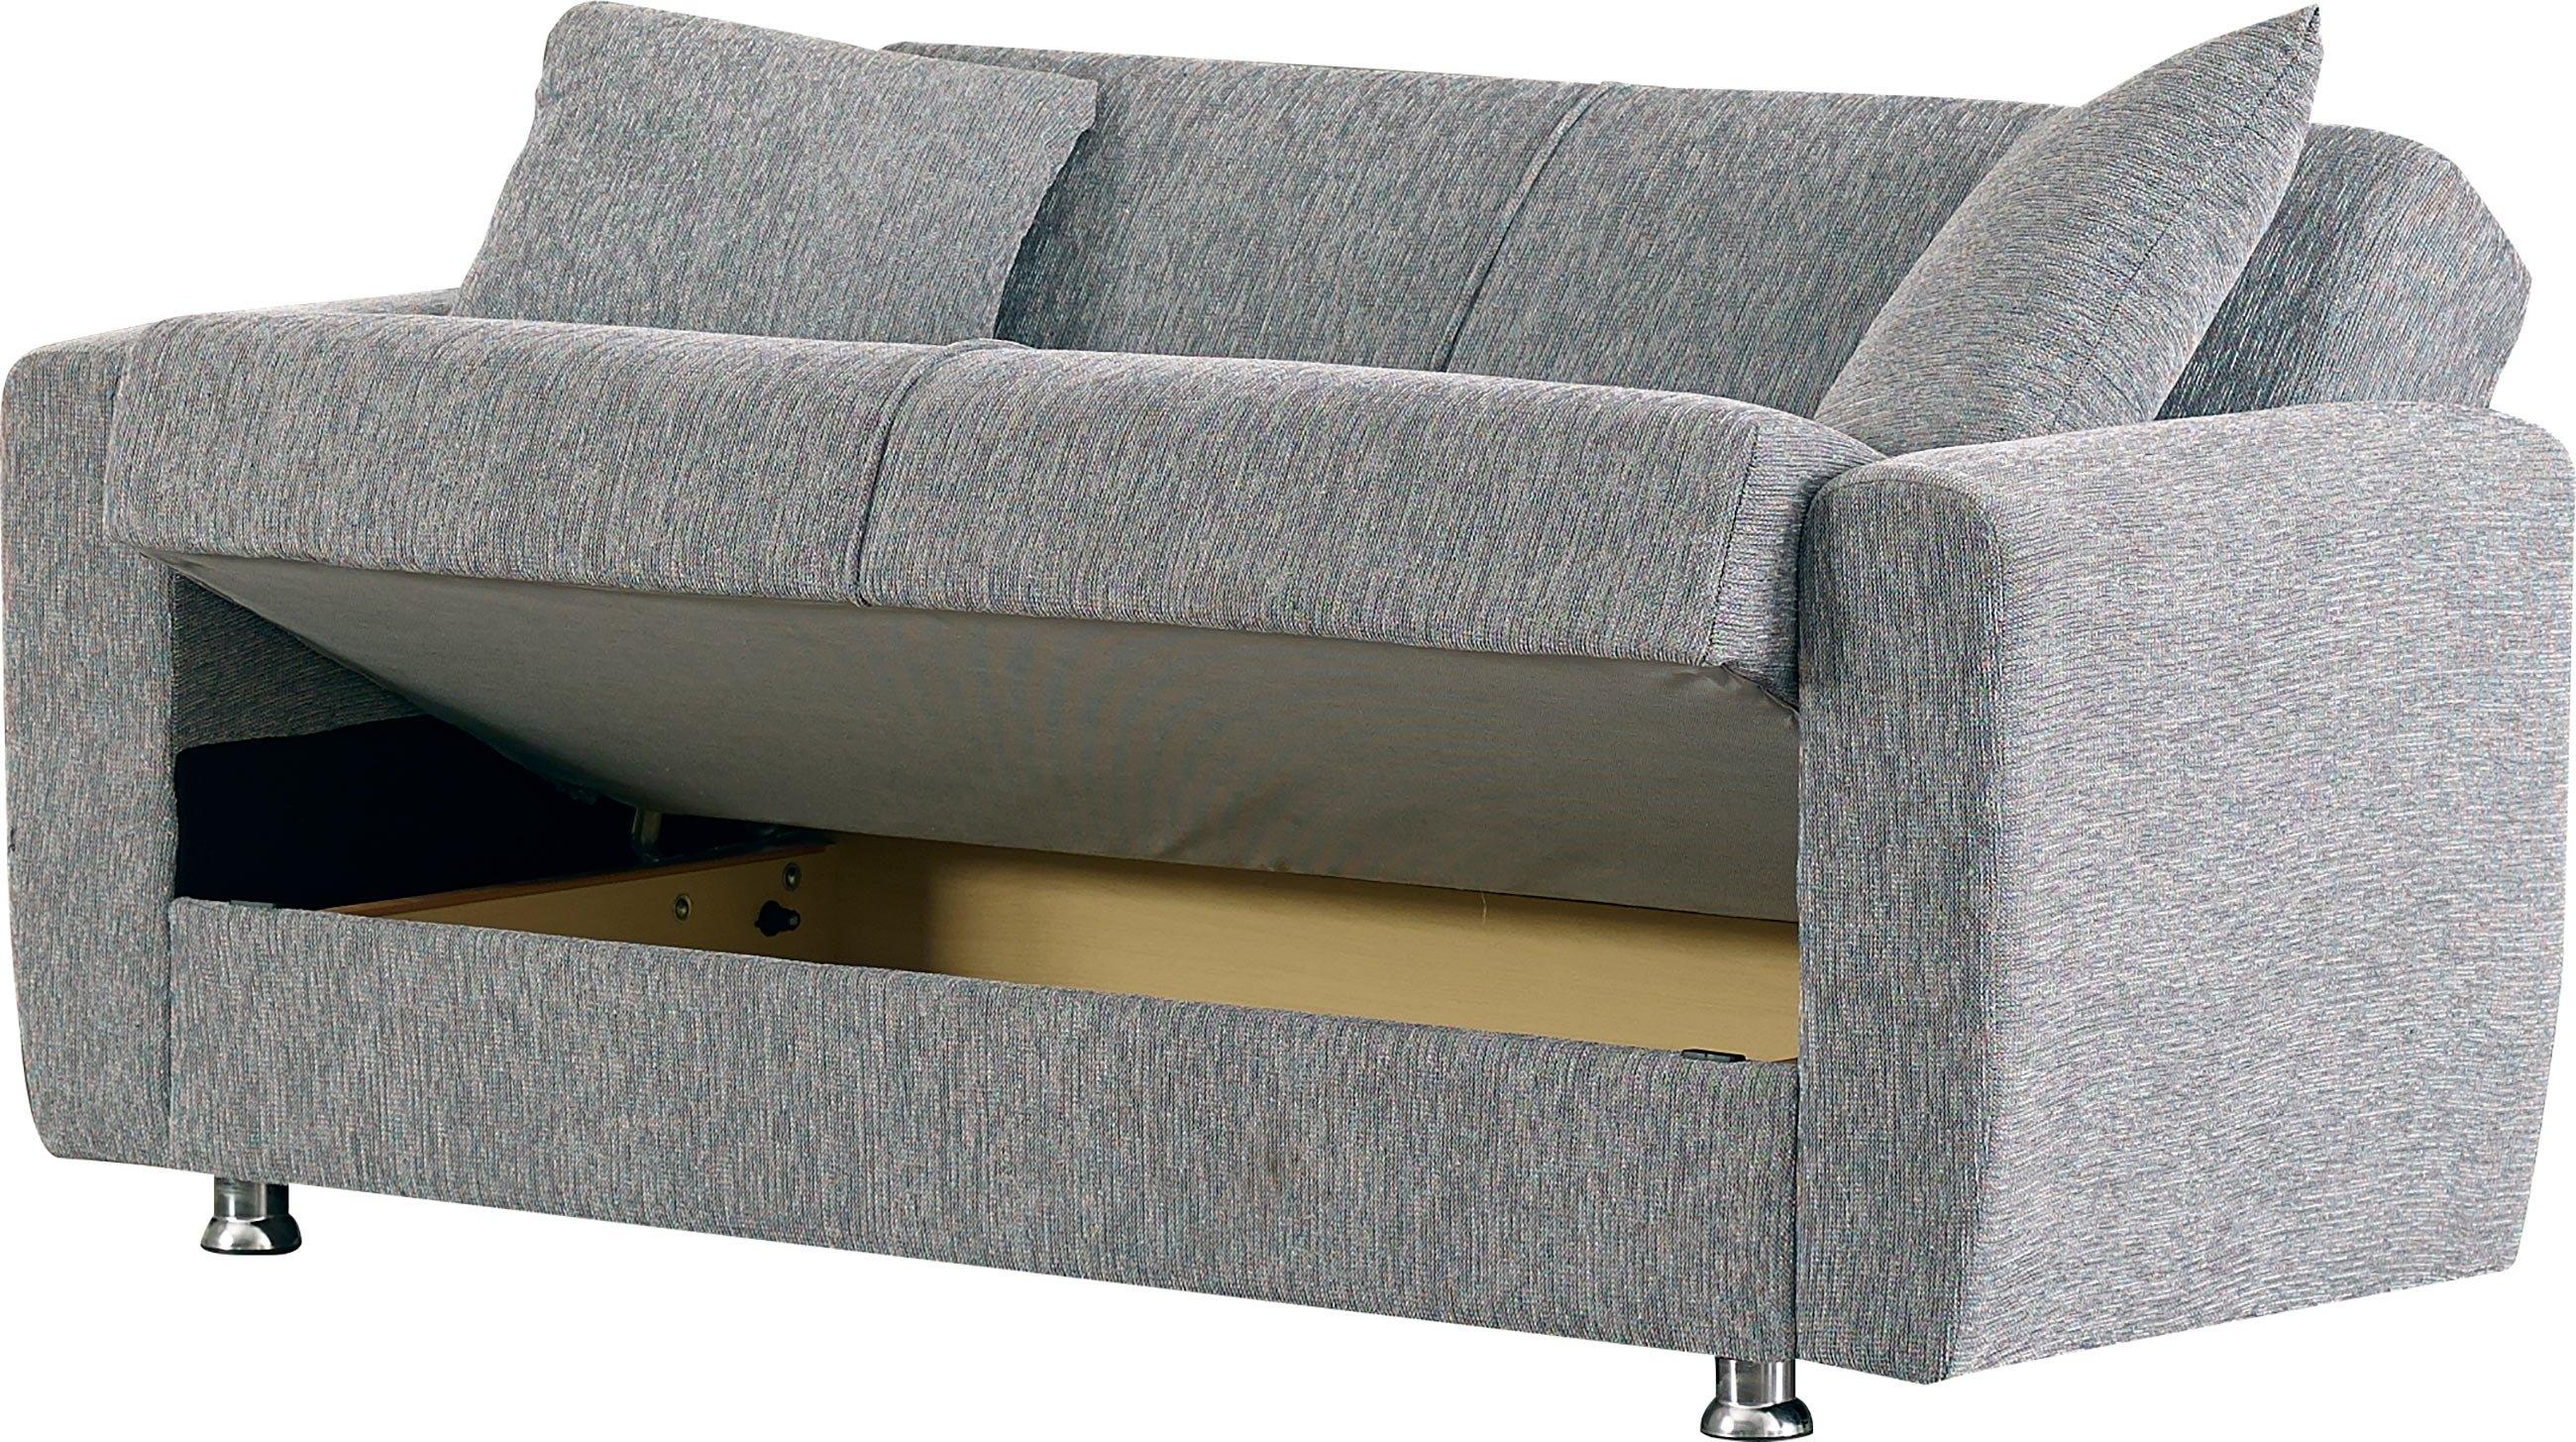 Niagara Gray Fabric Loveseatempire Furniture Usa Pertaining To Niagara Sectional Sofas (View 10 of 10)